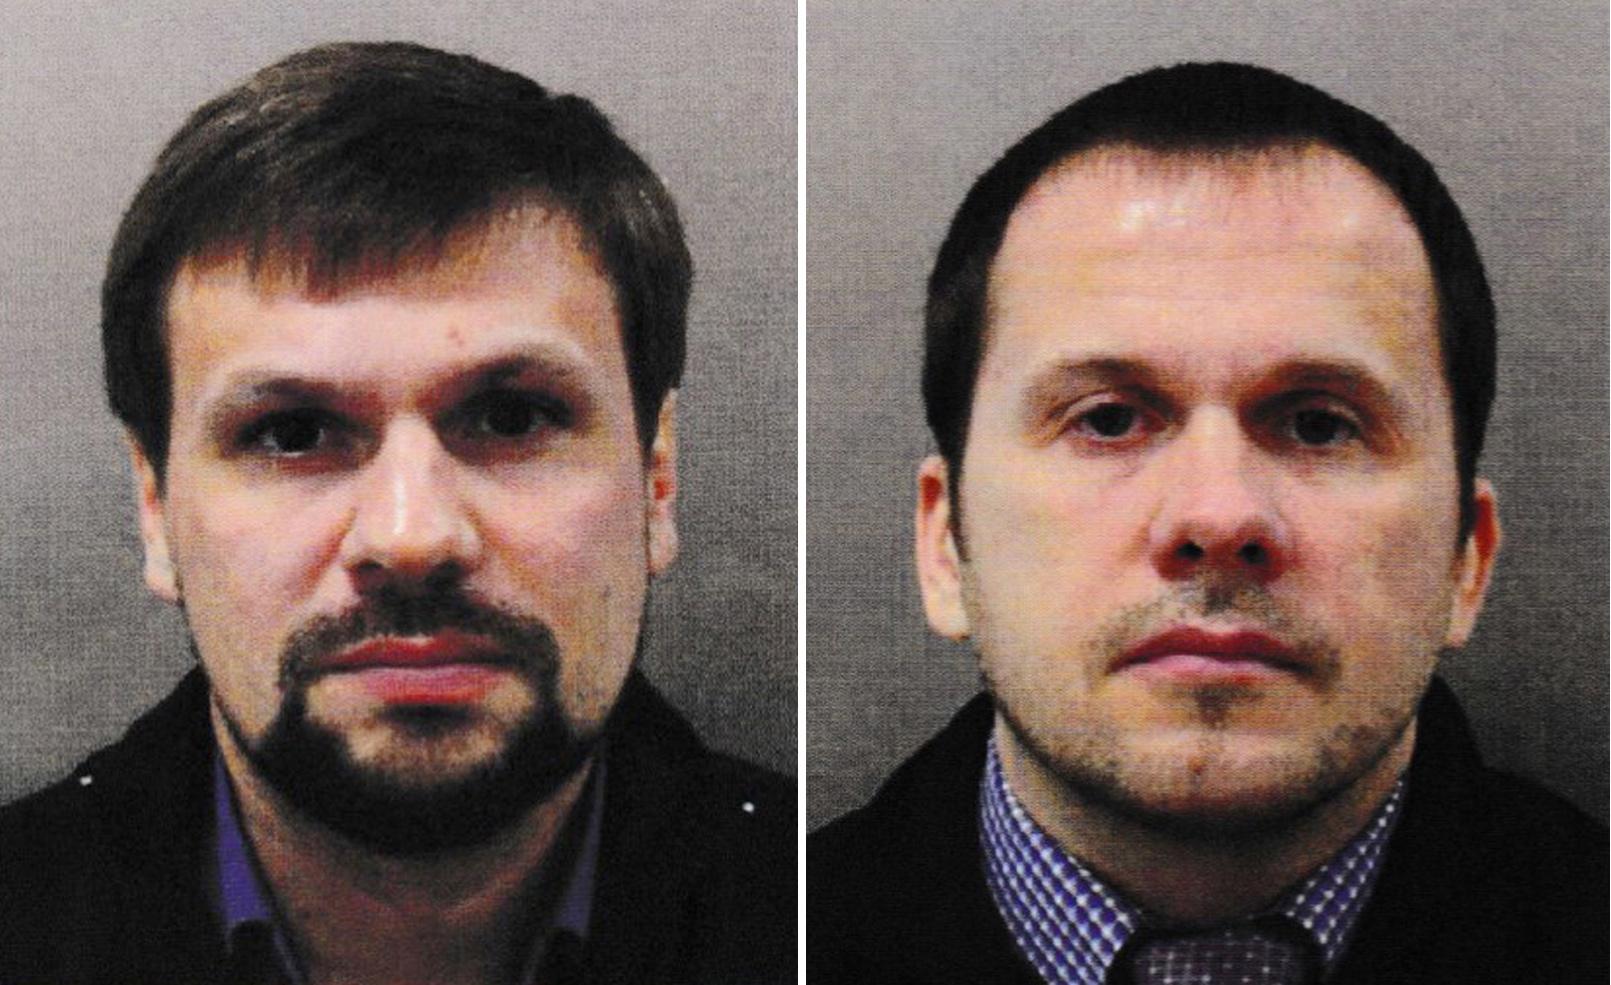 Britanija ustraje pri optužbama da su Rusi iz Salisburyja časnici GRU-a